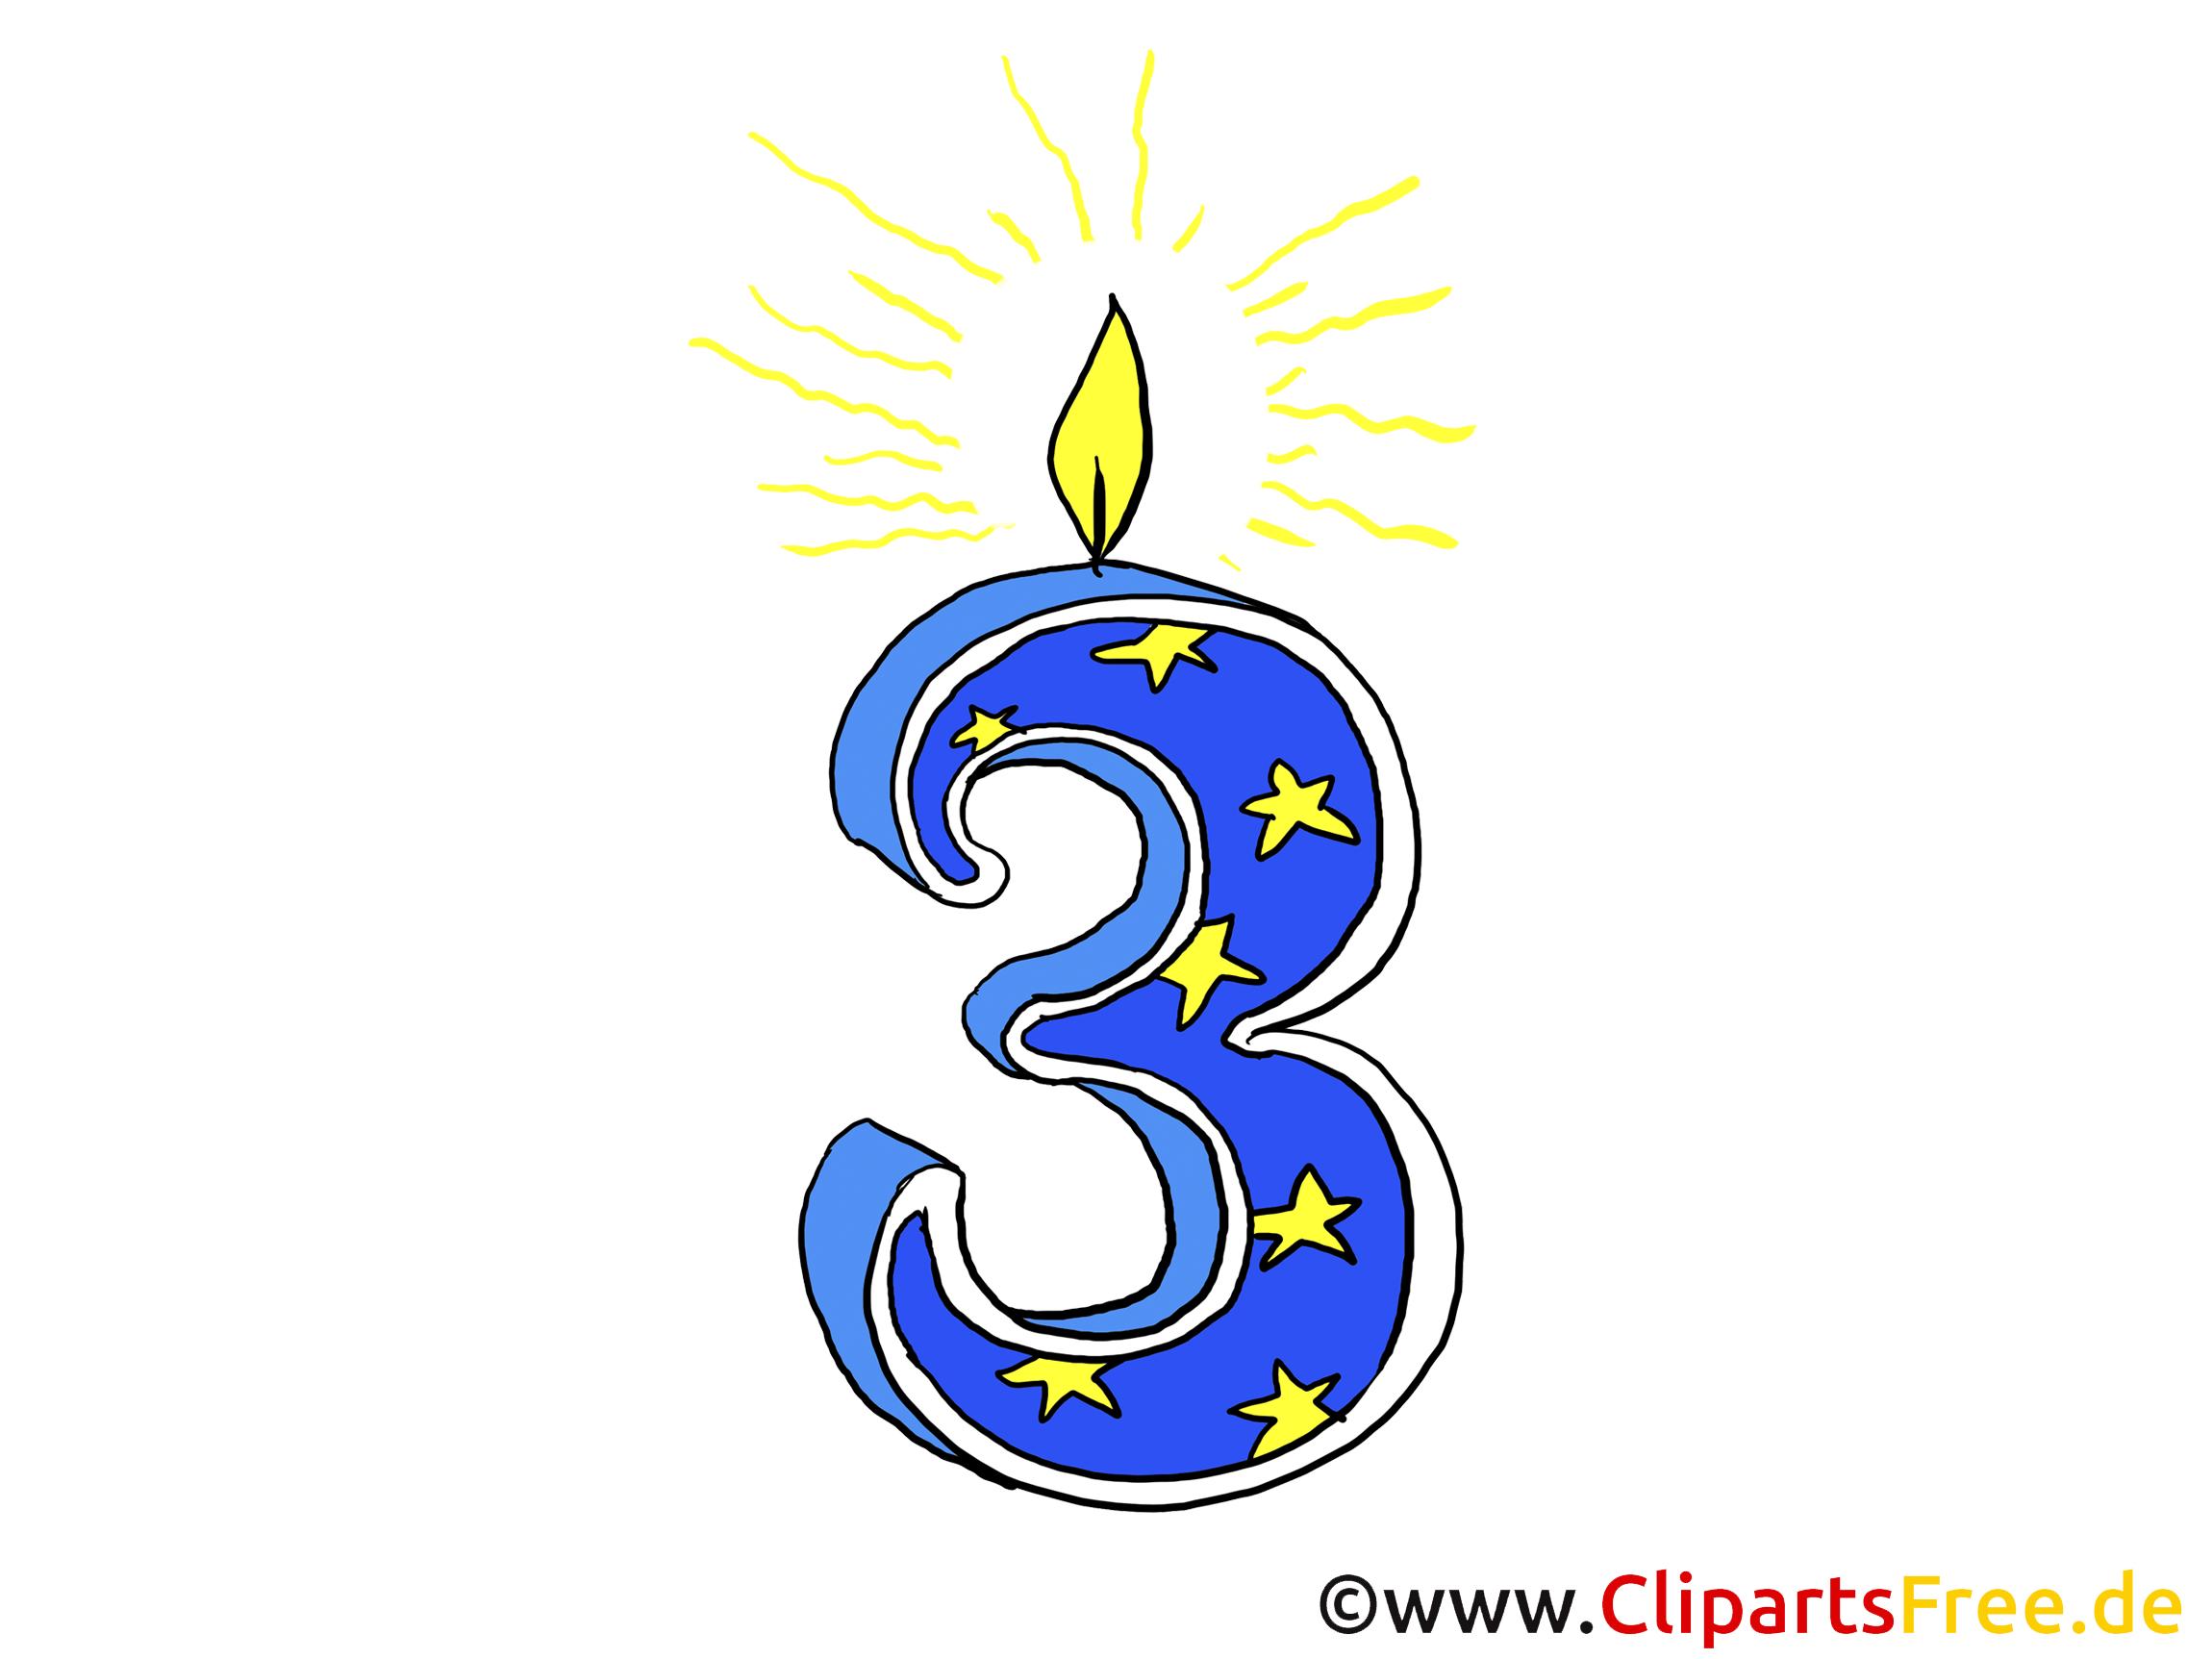 Geburtstag 3 Jahre Bild für Gestaltung einer Einladung